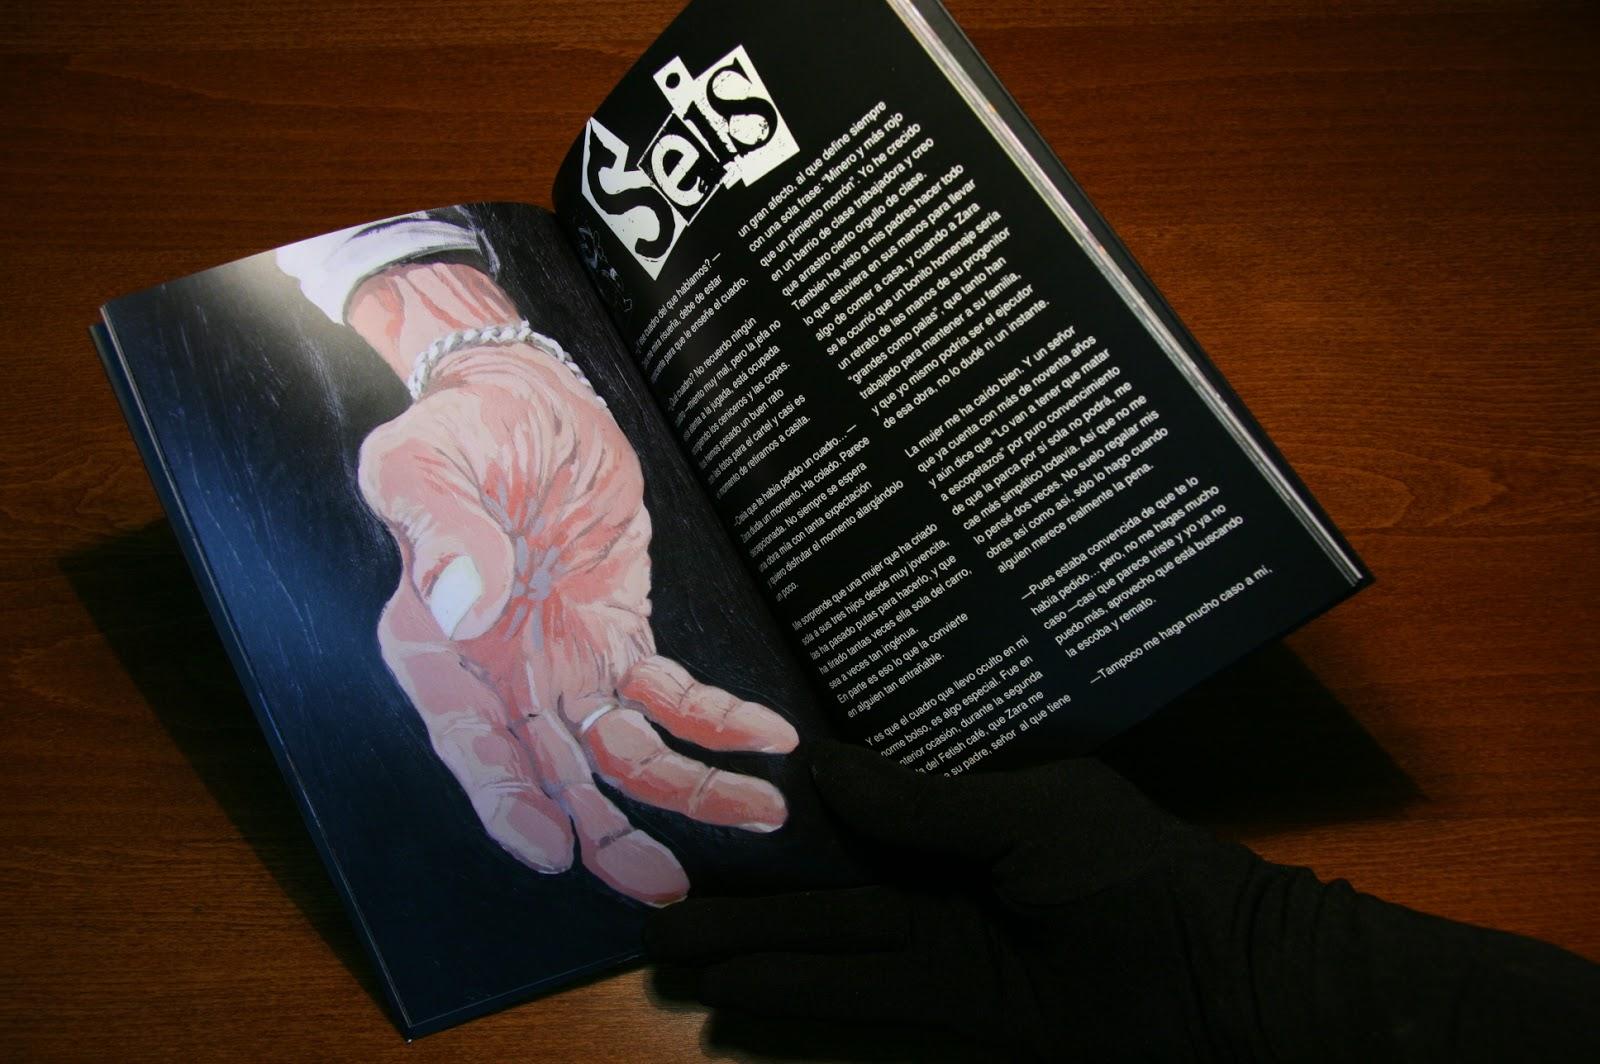 http://matango-gos.blogspot.com.es/2013/05/presentacion-del-libro.html